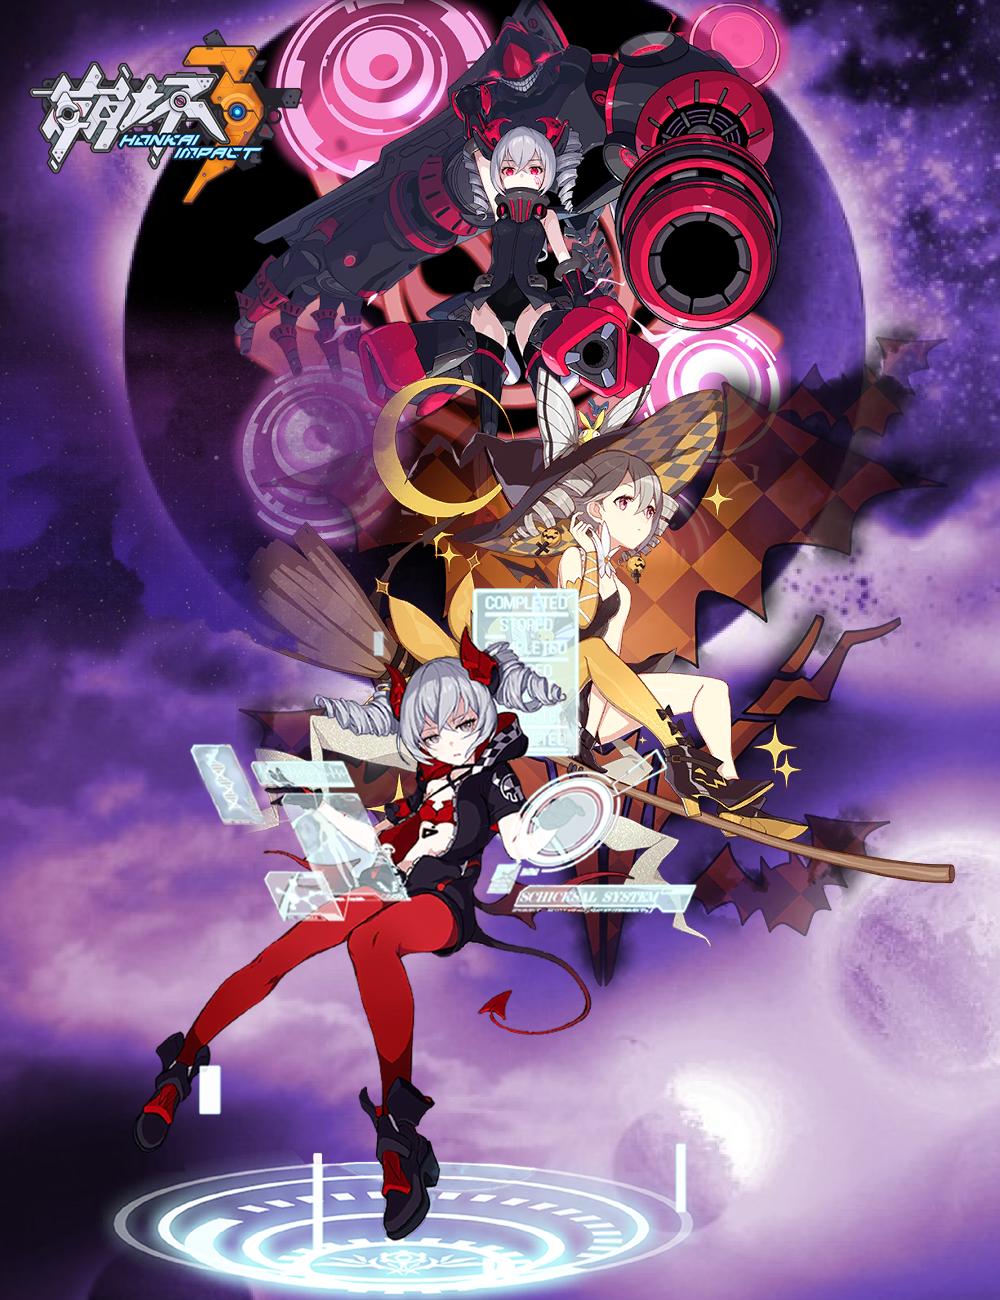 Honkai Impact 3 Wallpaper Stigmata Bronya By Masouoji On